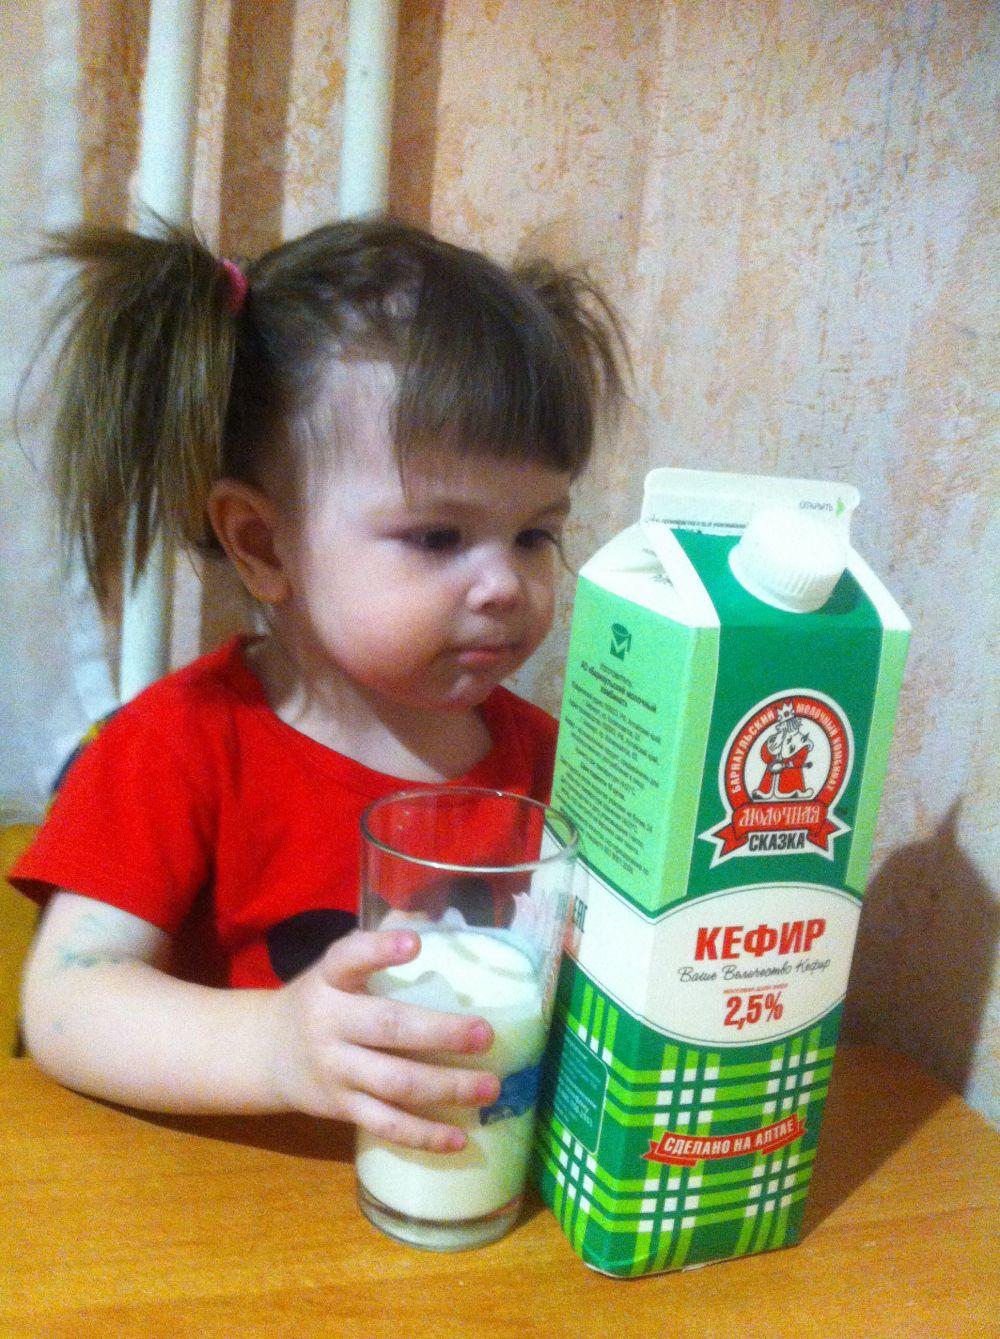 «Так-так, посмотрим...». Кефирчик «Молочная сказка» обожаем всей семьей, потому что он натуральный, легкий и очень очень вкусный